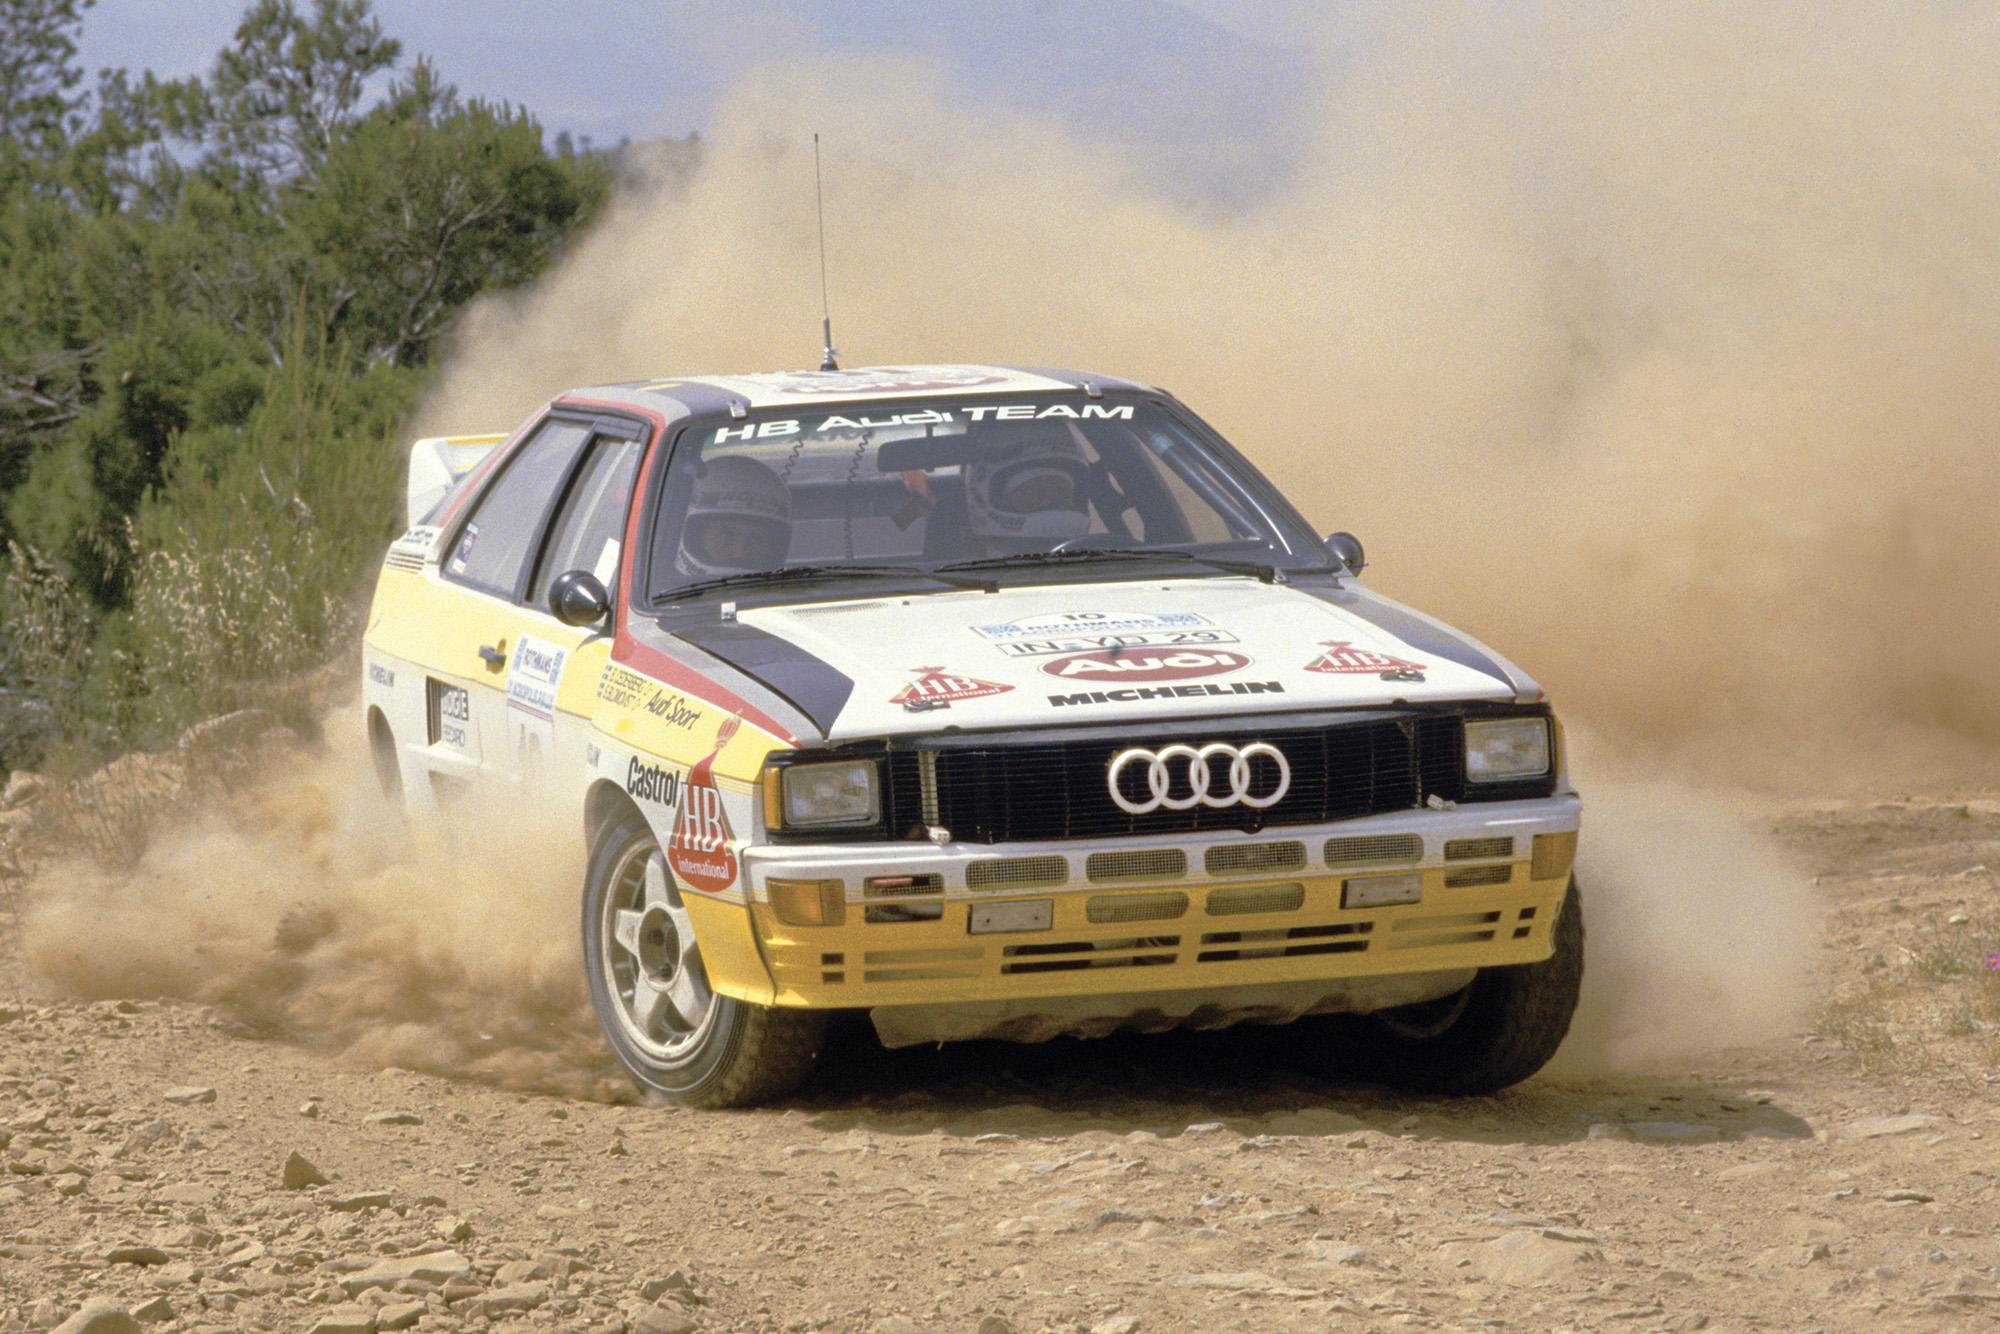 Audi Quattro A2 slides through the dust